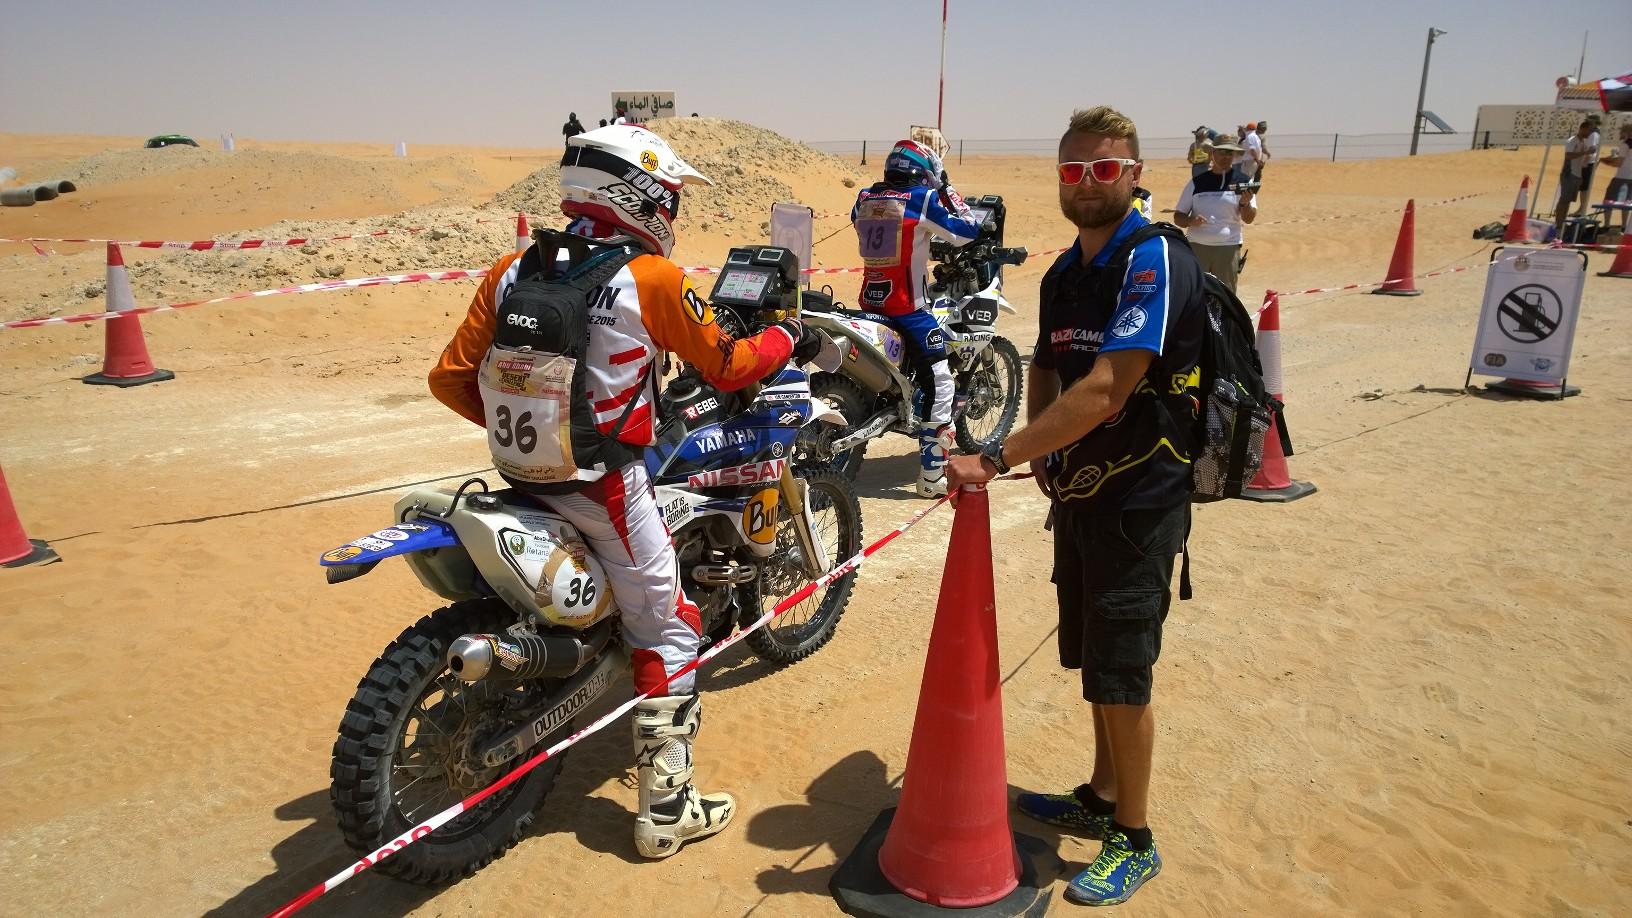 Abu Dhabi Desert Challenge 2015 Yamaha WR450F Rally 9